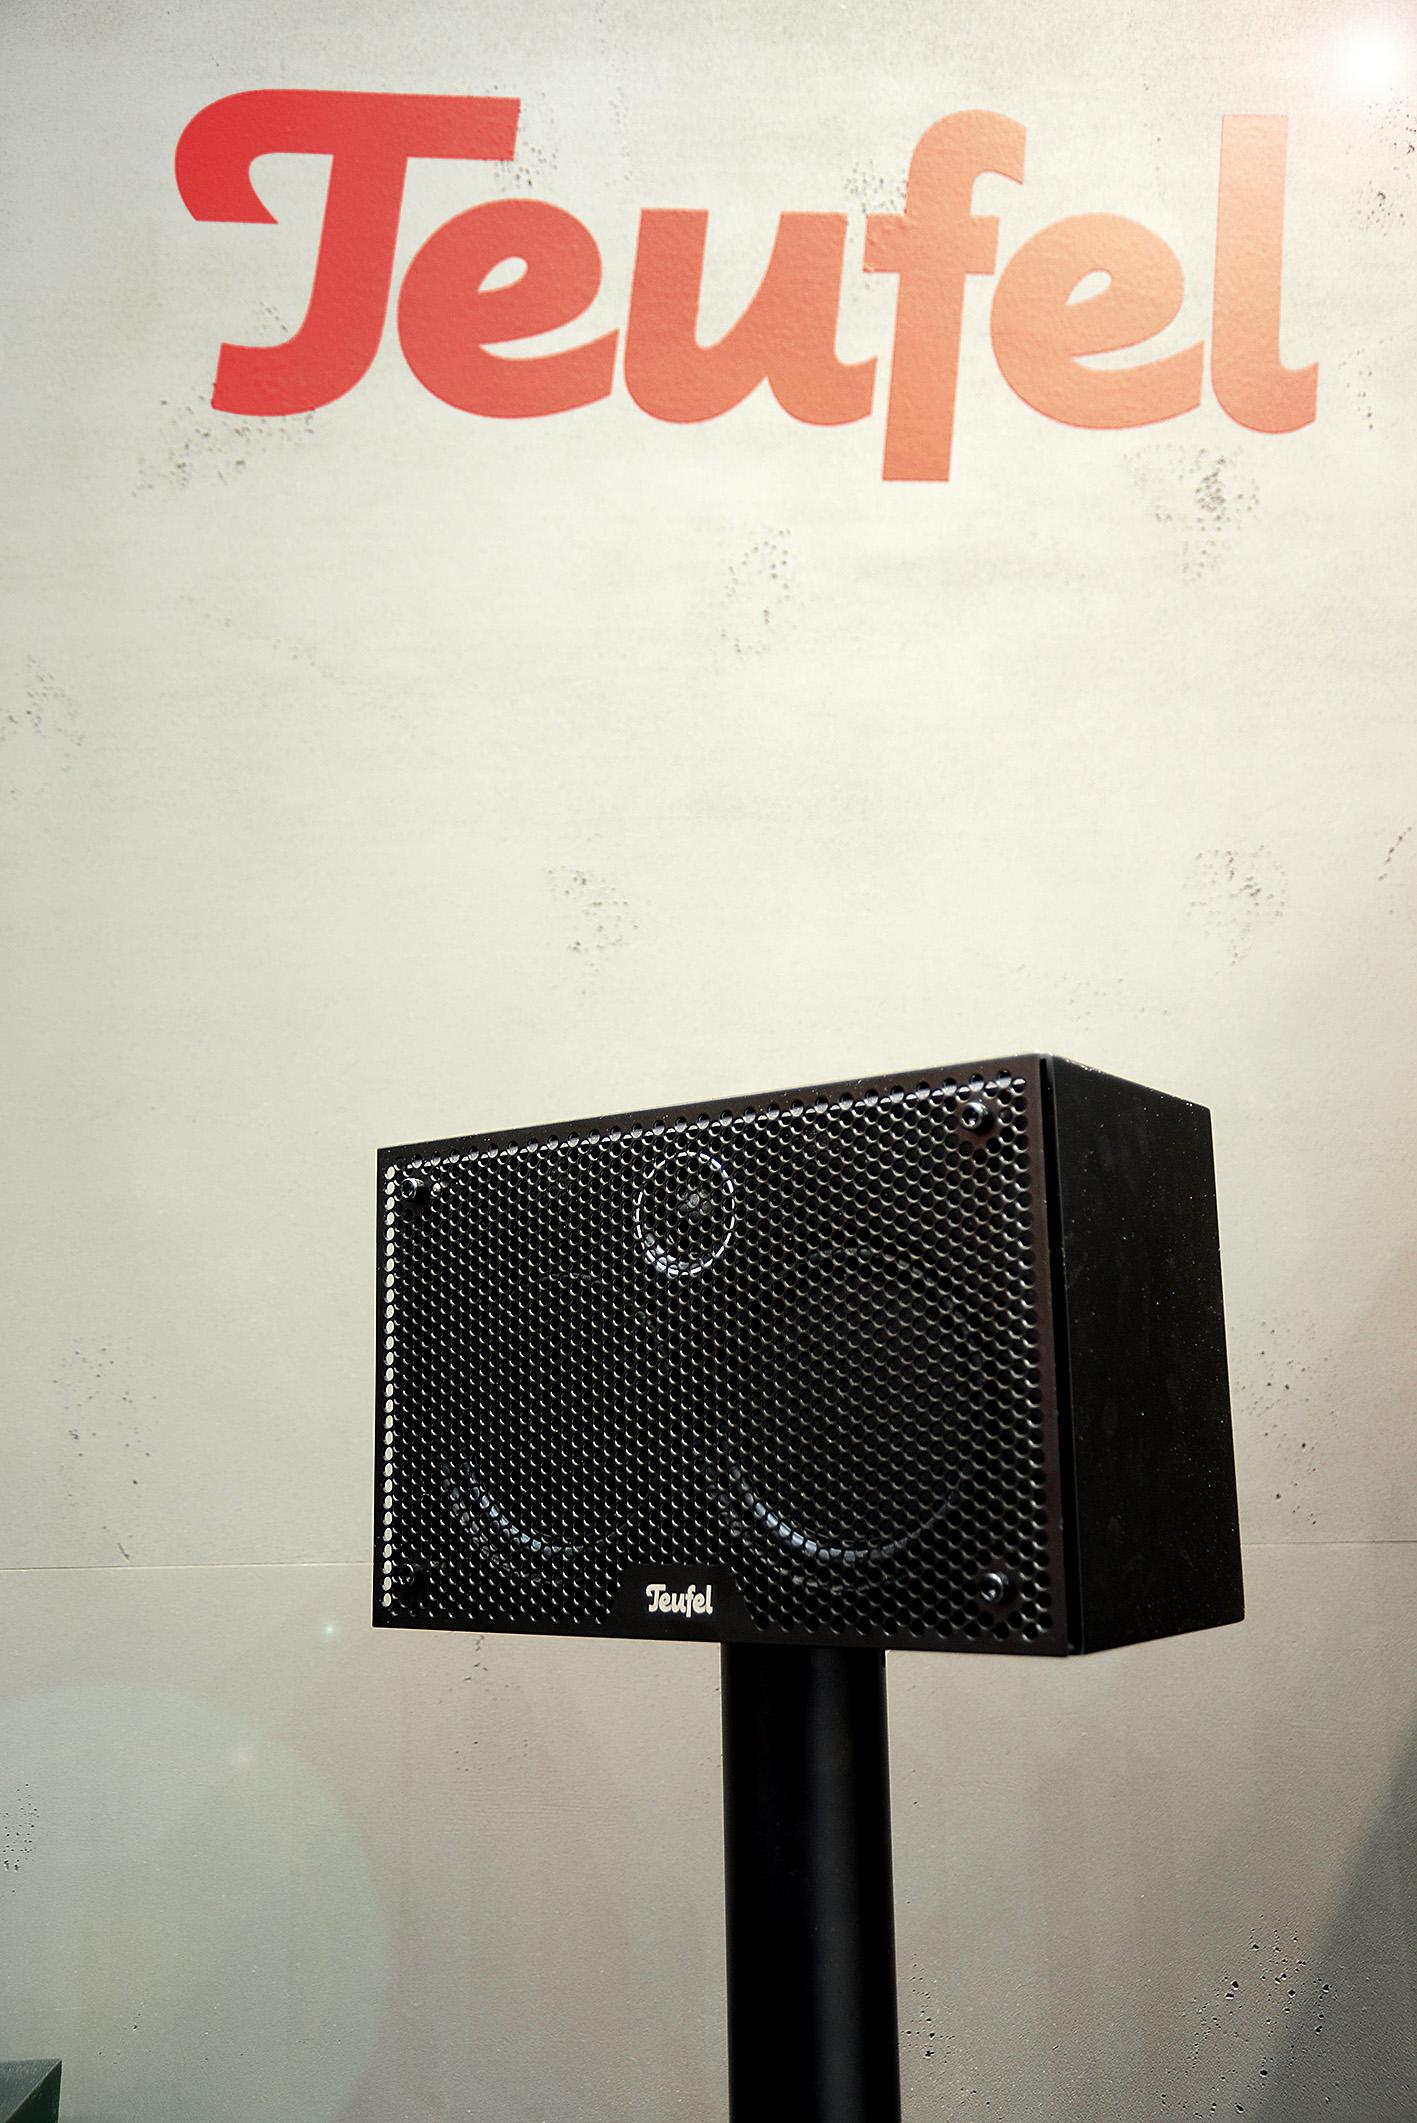 Foto: Michael B. Rehders Die neuen THX-lizenzierten Lautsprecher gibt es wahlweise mit Metallgitter vor den Chassis (Foto), oder mit klassischer Stoffbespannung.